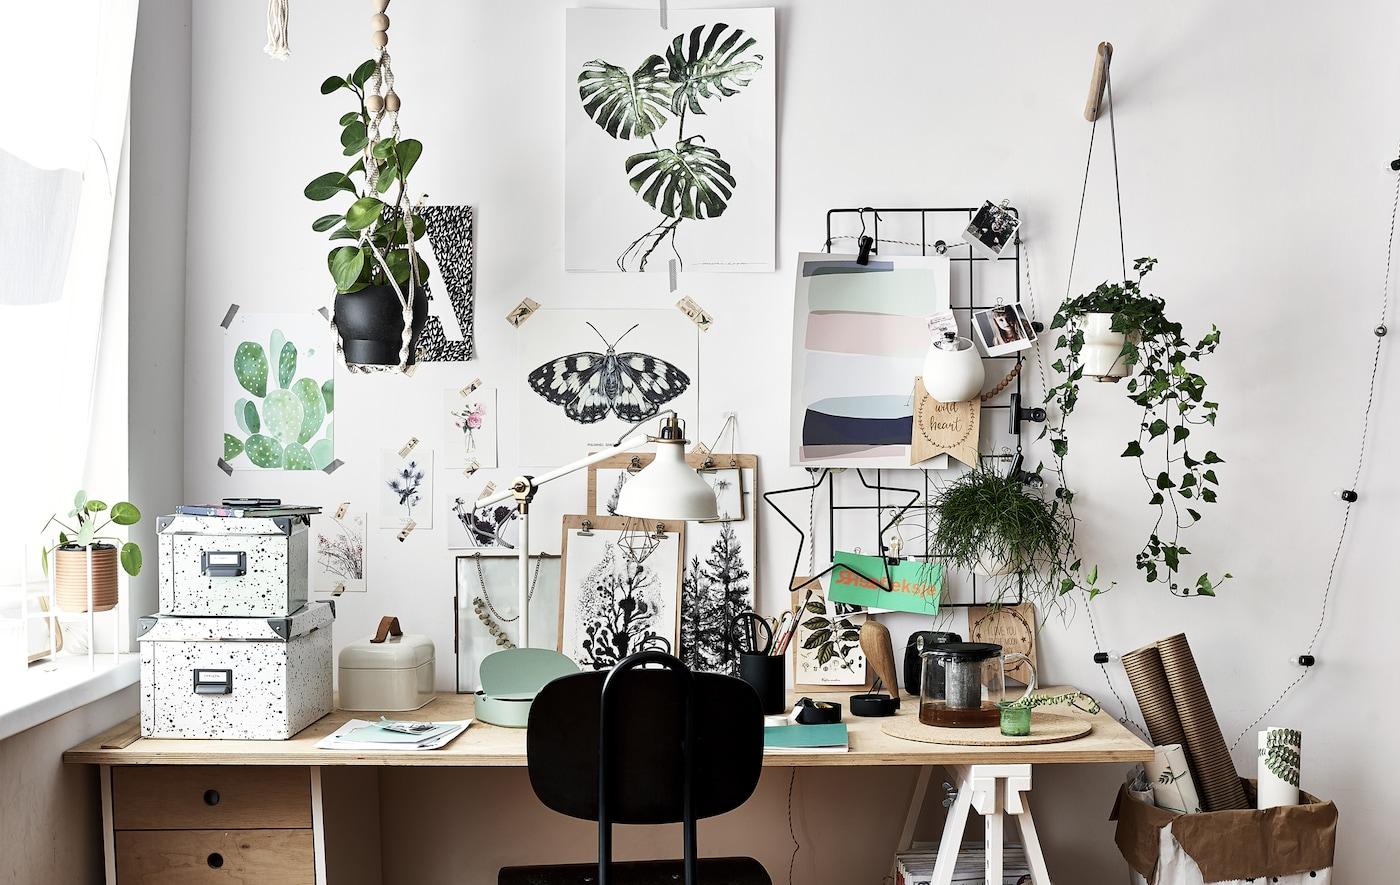 Œuvres d'art et inspiration sur un mur, au-dessus d'un bureau en bois complété par une chaise noire.